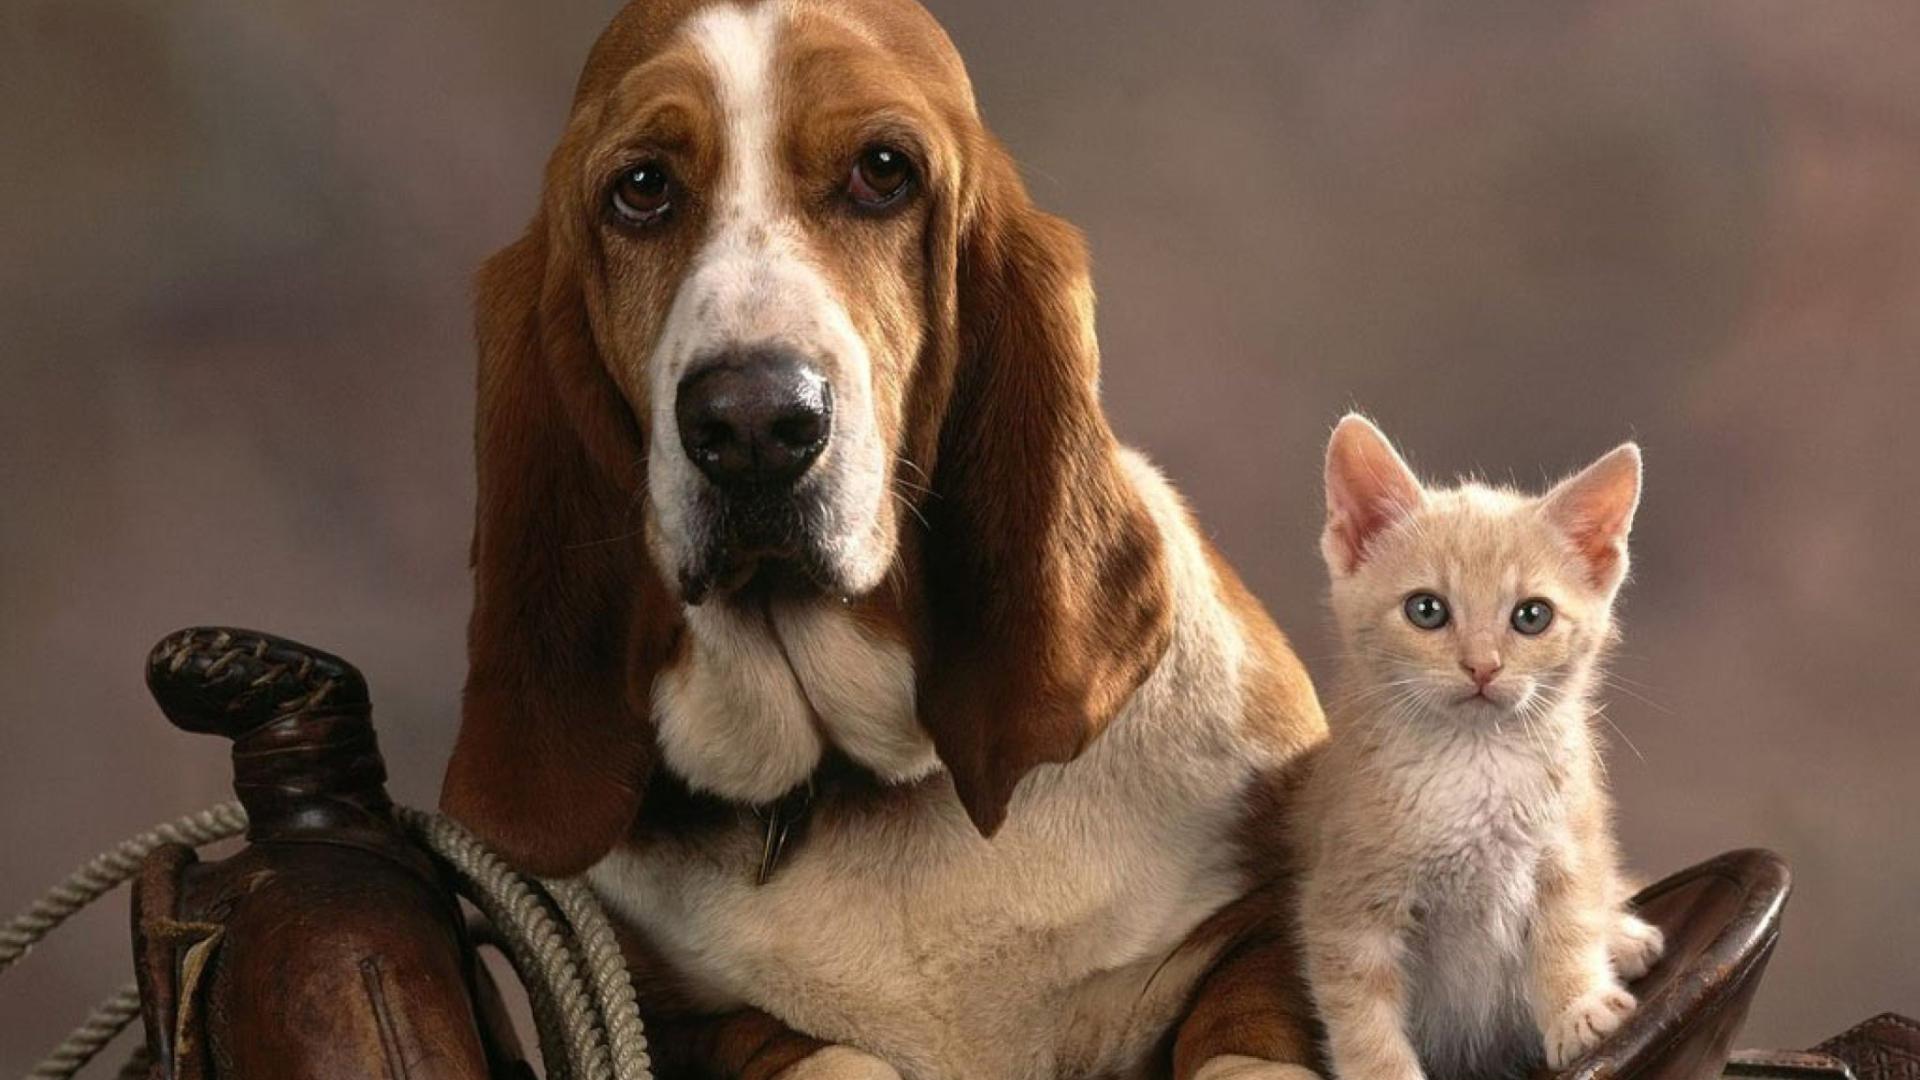 картинки на рабочий стол с собачками и котятами этом лучше говорить